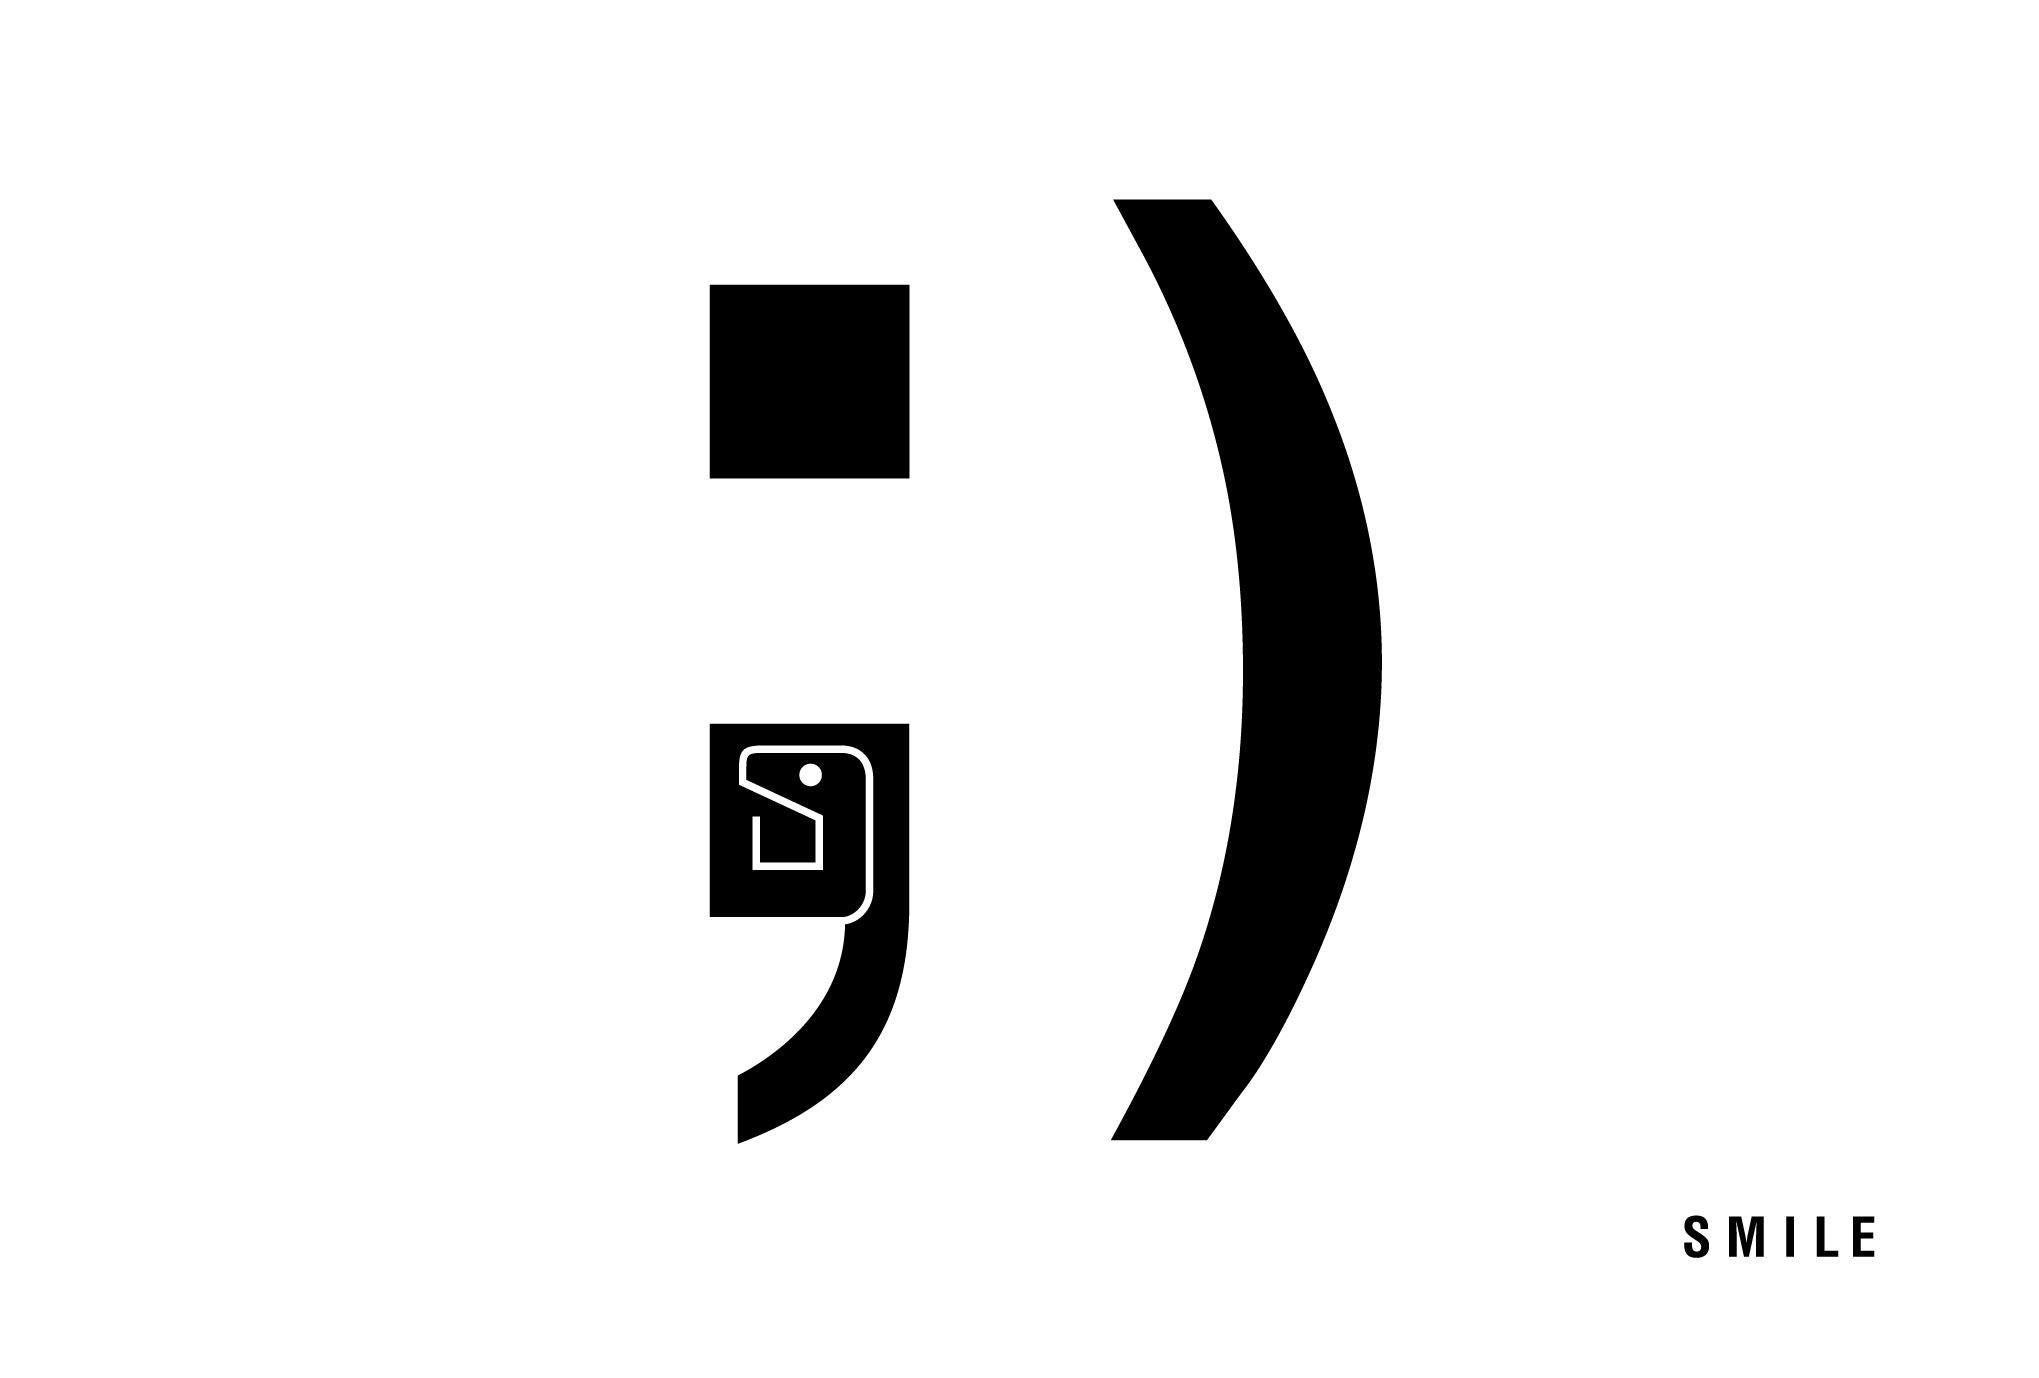 2013年賀状17-2:SMILE ; ) / 2のダウンロード画像